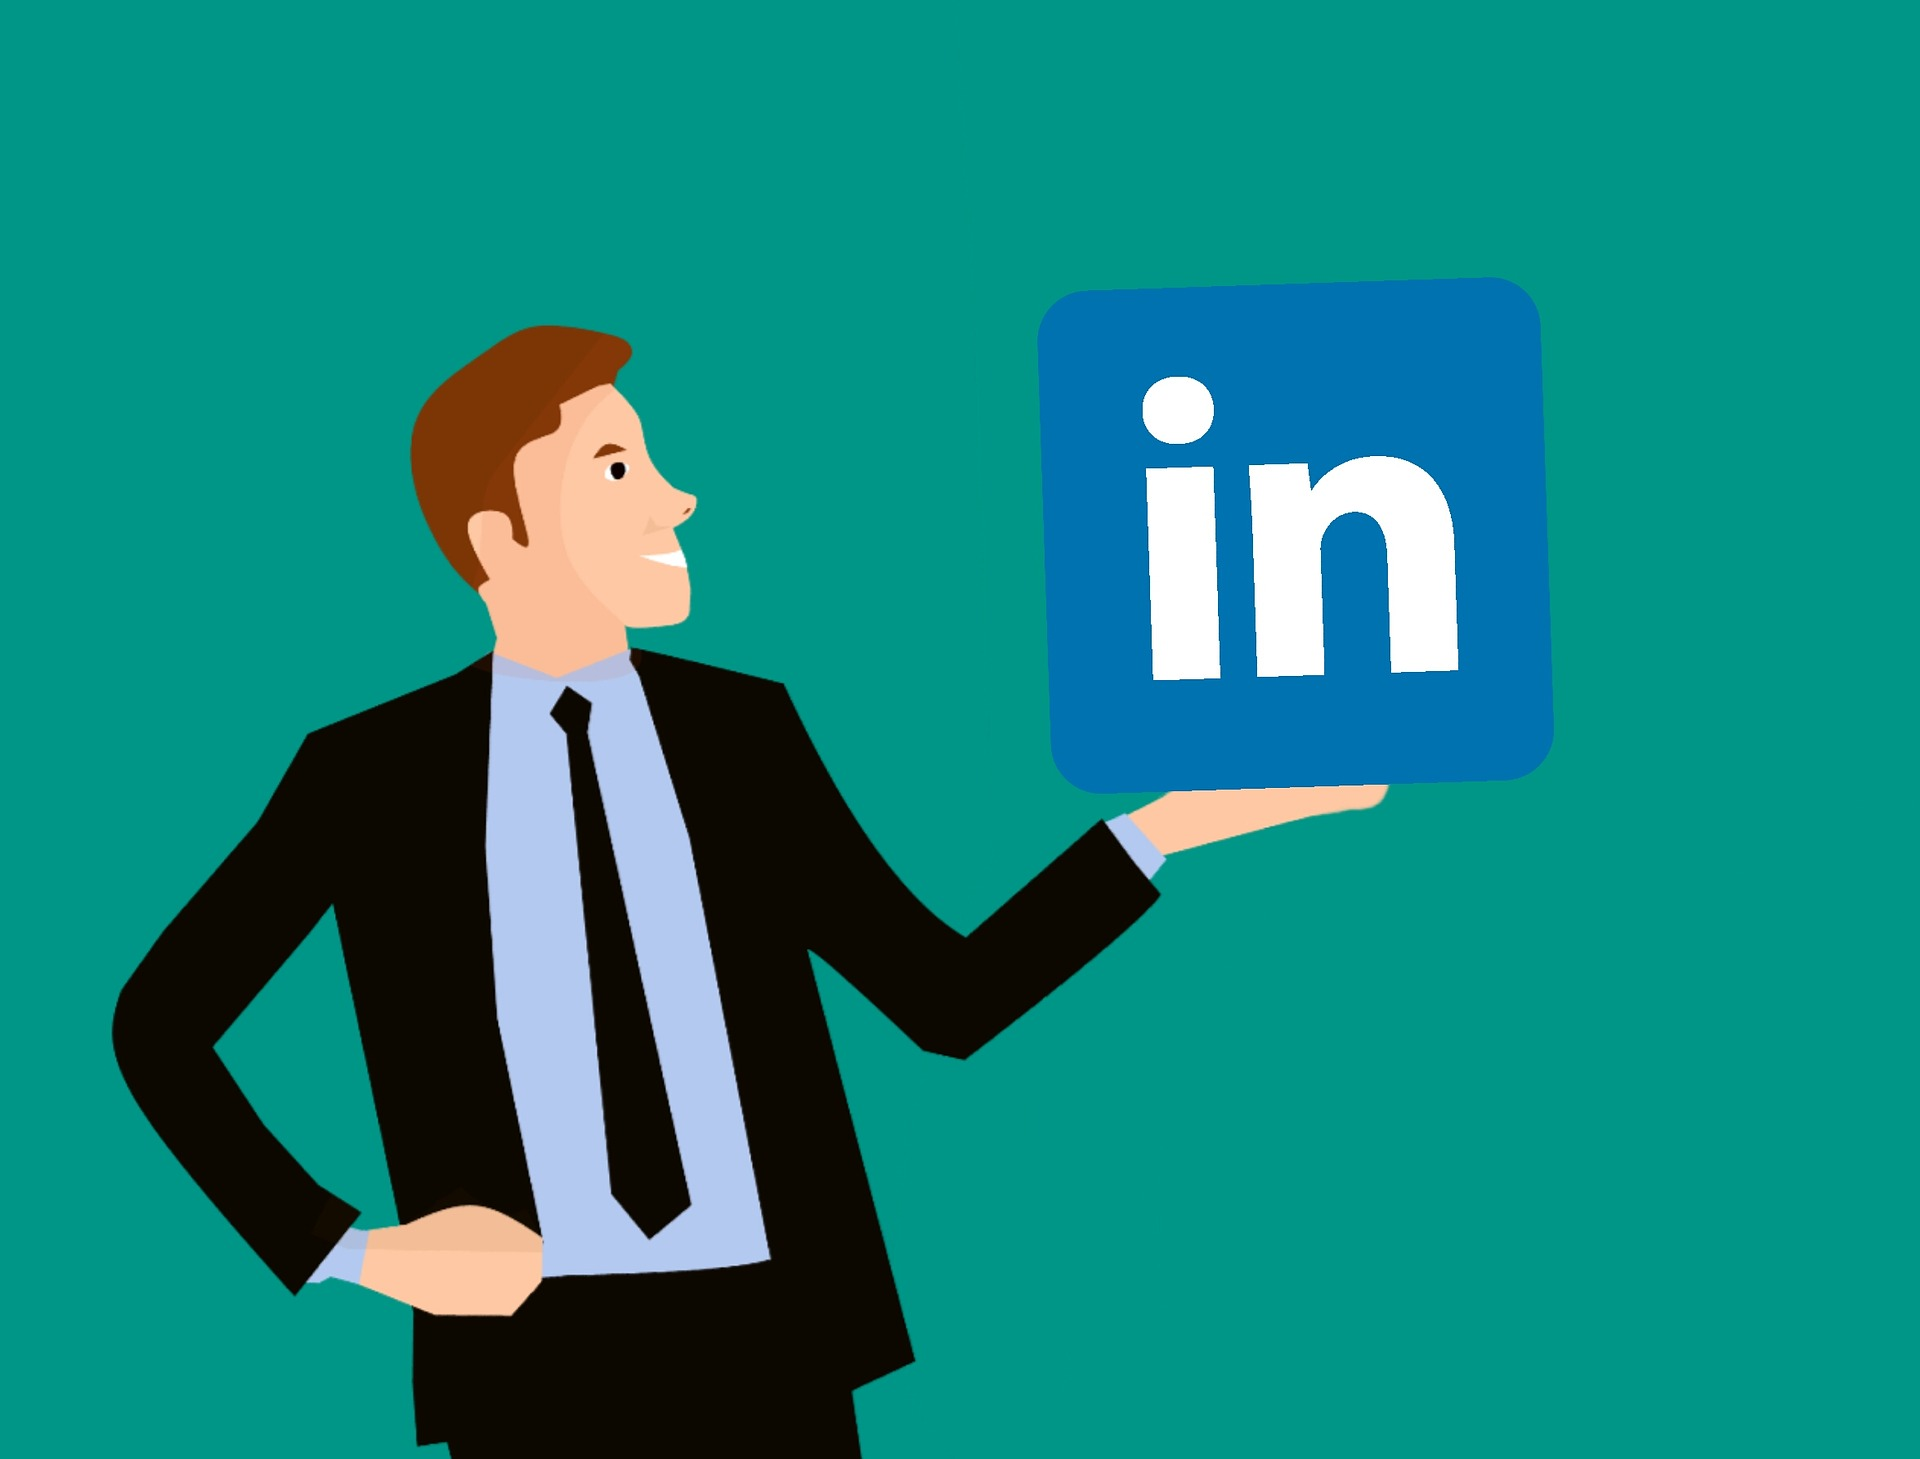 linkedin-marketing-social-media-marketing-trends-blog-digital-marketing-agency